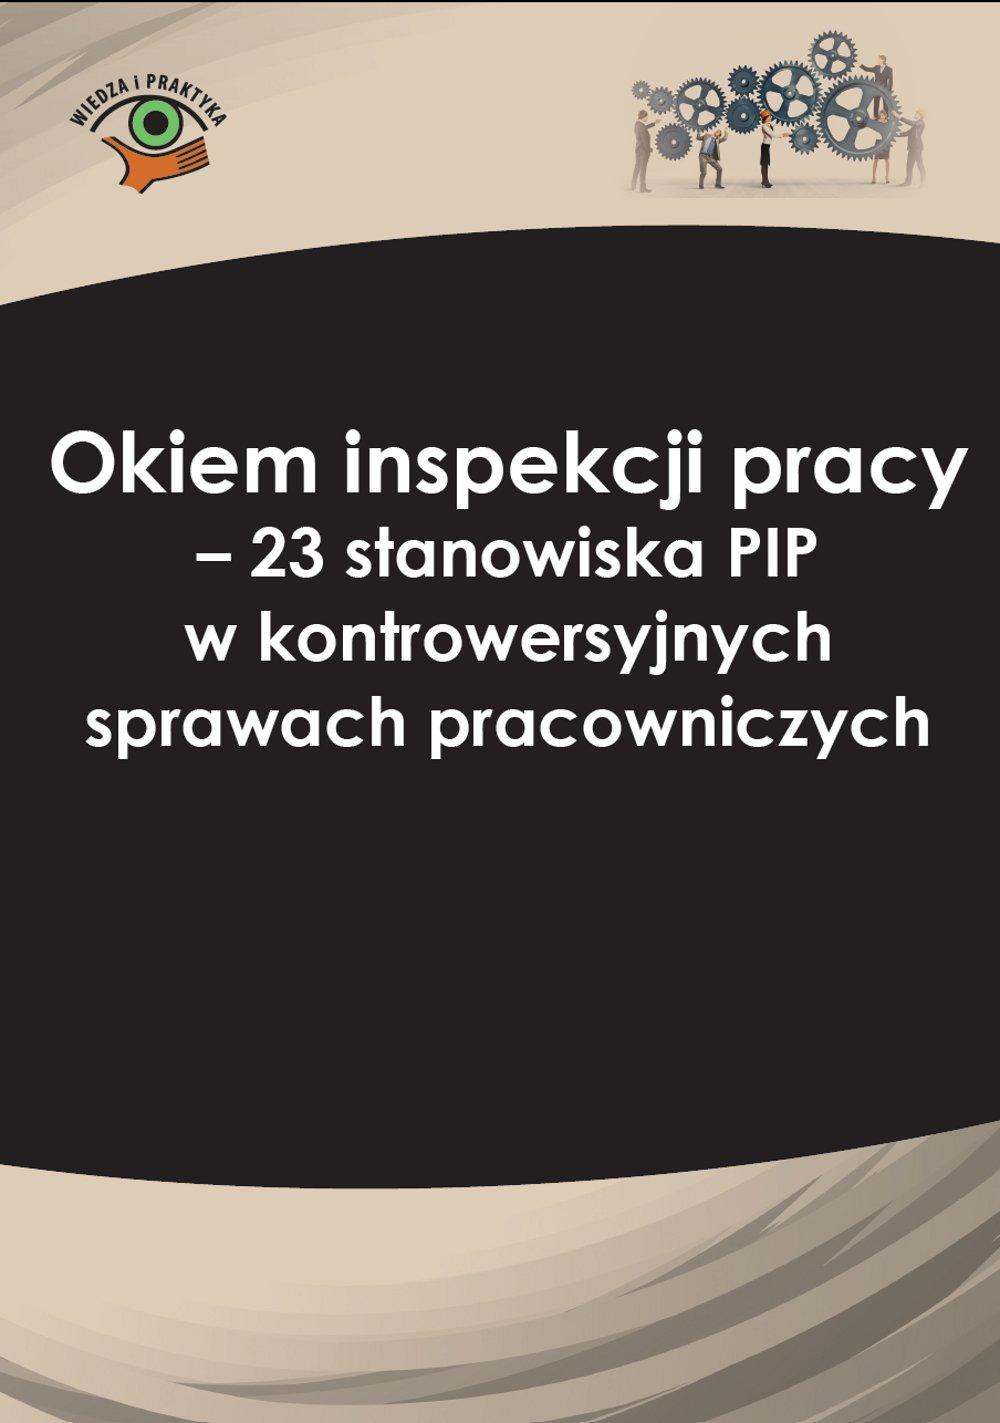 Okiem inspekcji pracy. 23 stanowiska PIP w kontrowersyjnych sprawach pracowniczych - Ebook (Książka PDF) do pobrania w formacie PDF